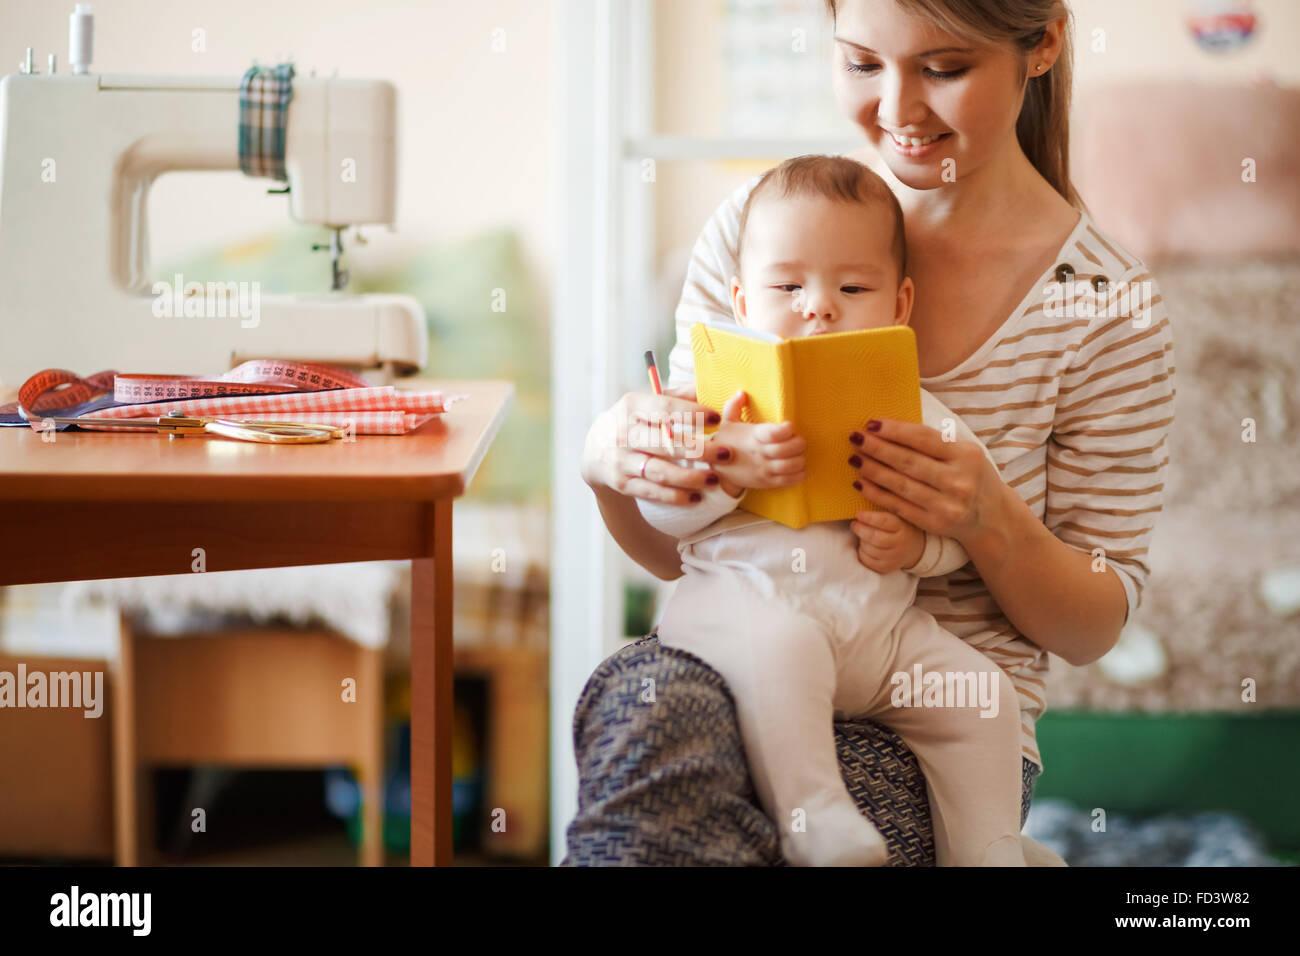 Mutter und Kind gemeinsam ein Buch zu lesen, die zu Hause. Stockfoto